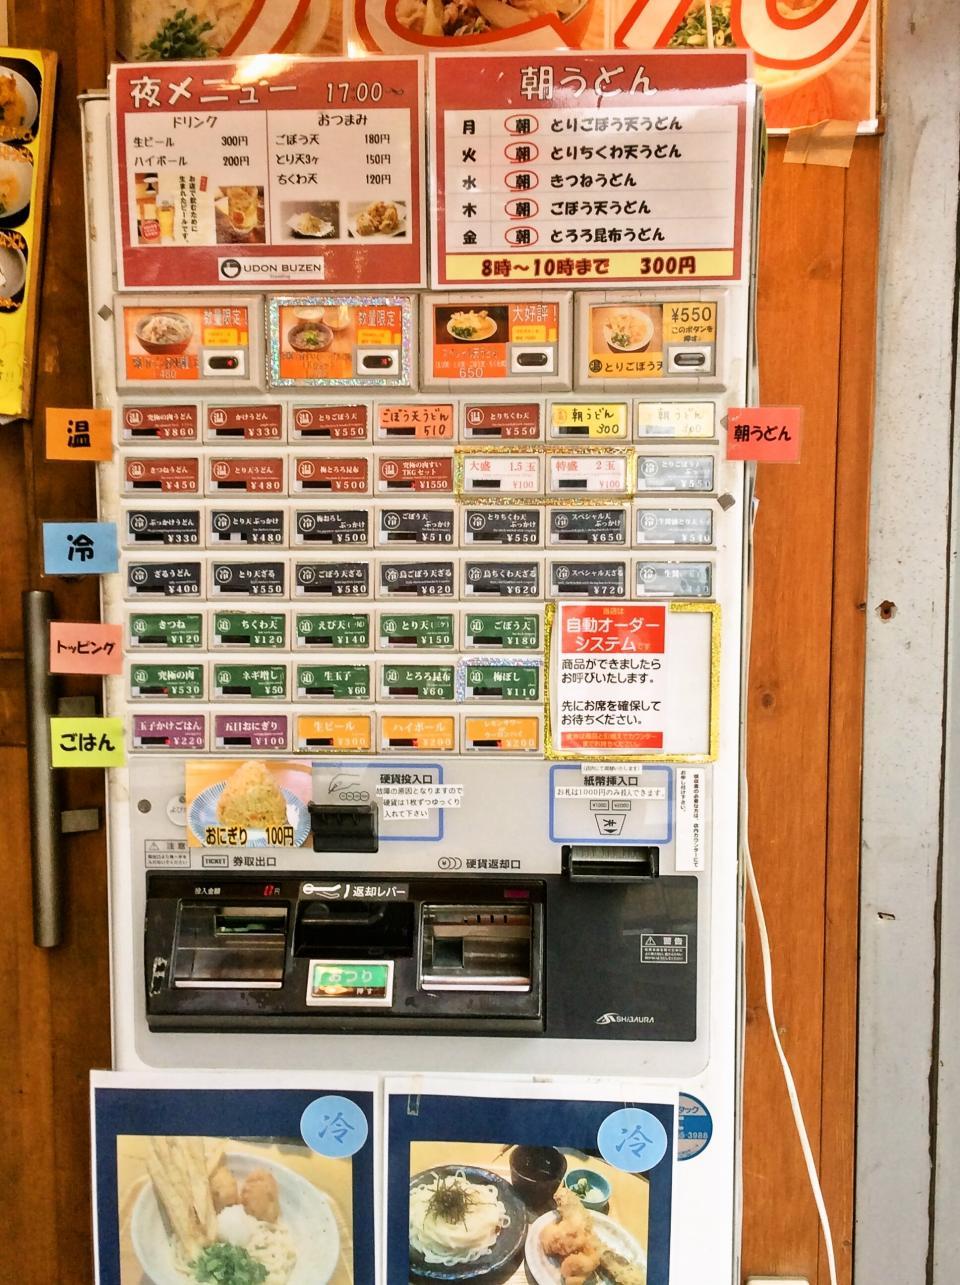 UDON BUZEN 新橋店(食券)